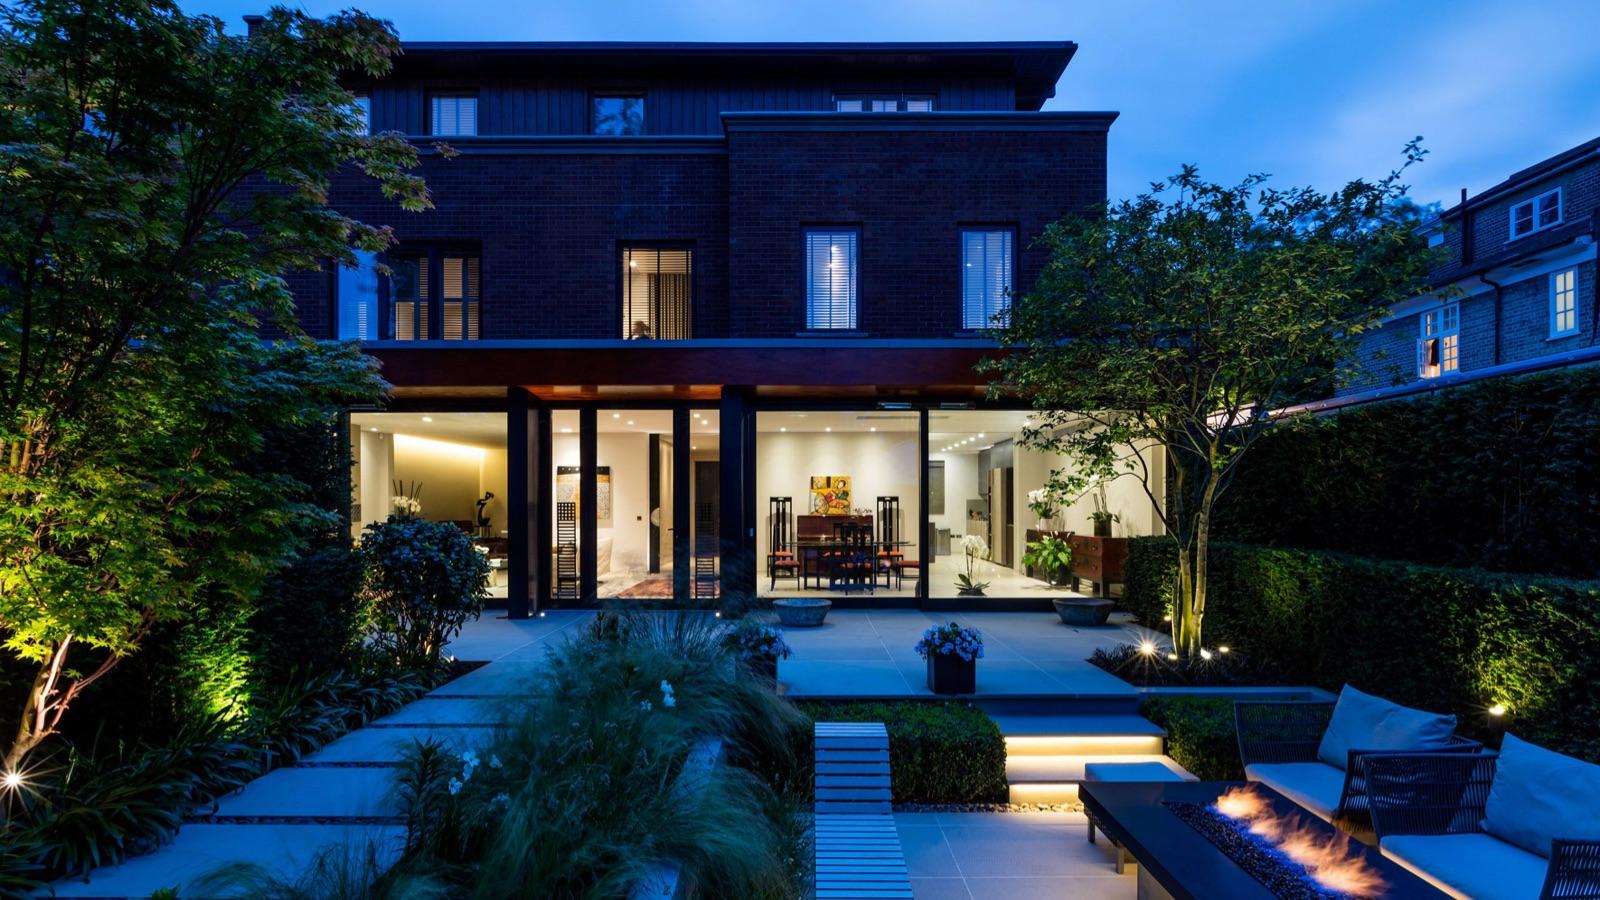 granit architects website design – Design by Neil Holroyd Leeds based freelance designer